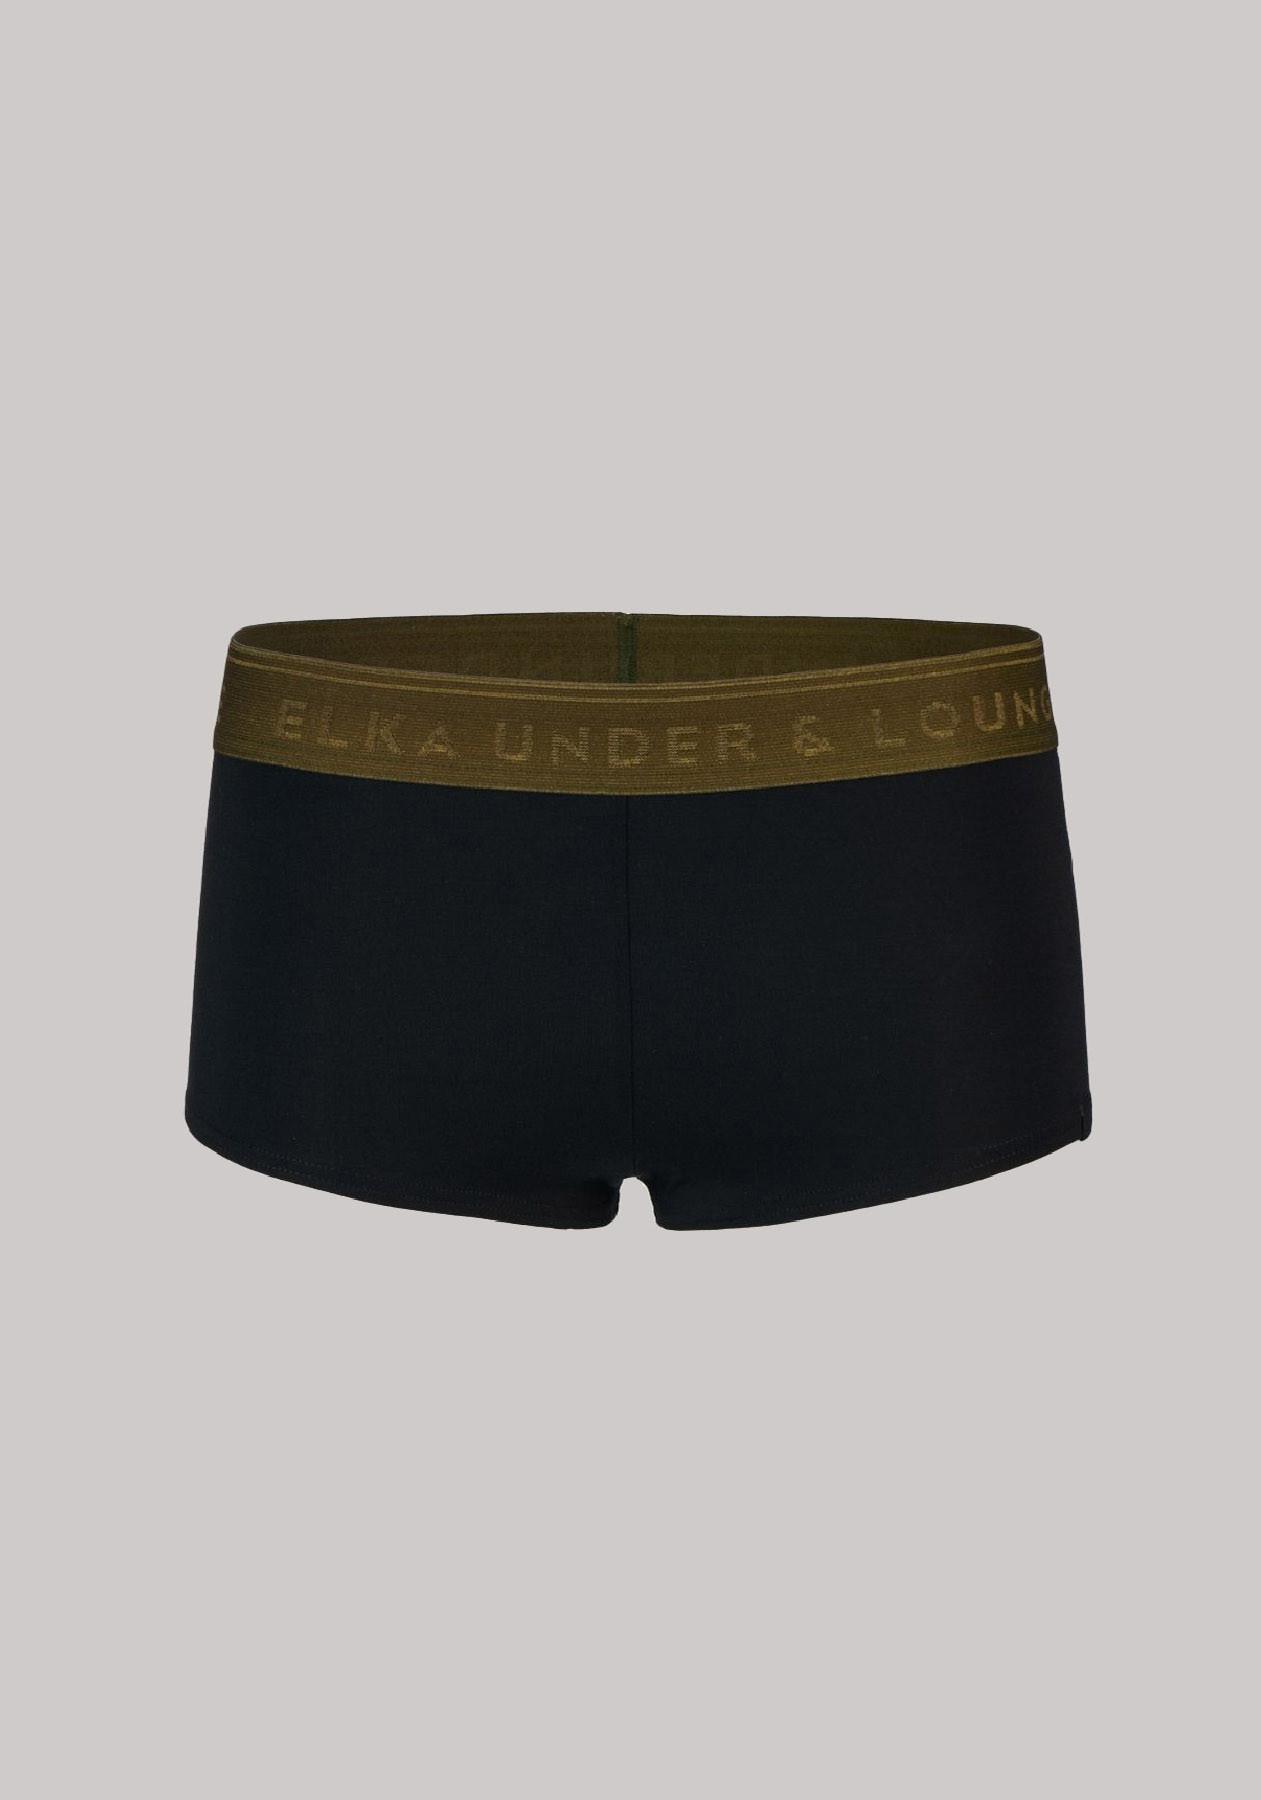 Women-Boxers-ELKA-Lounge-W00086